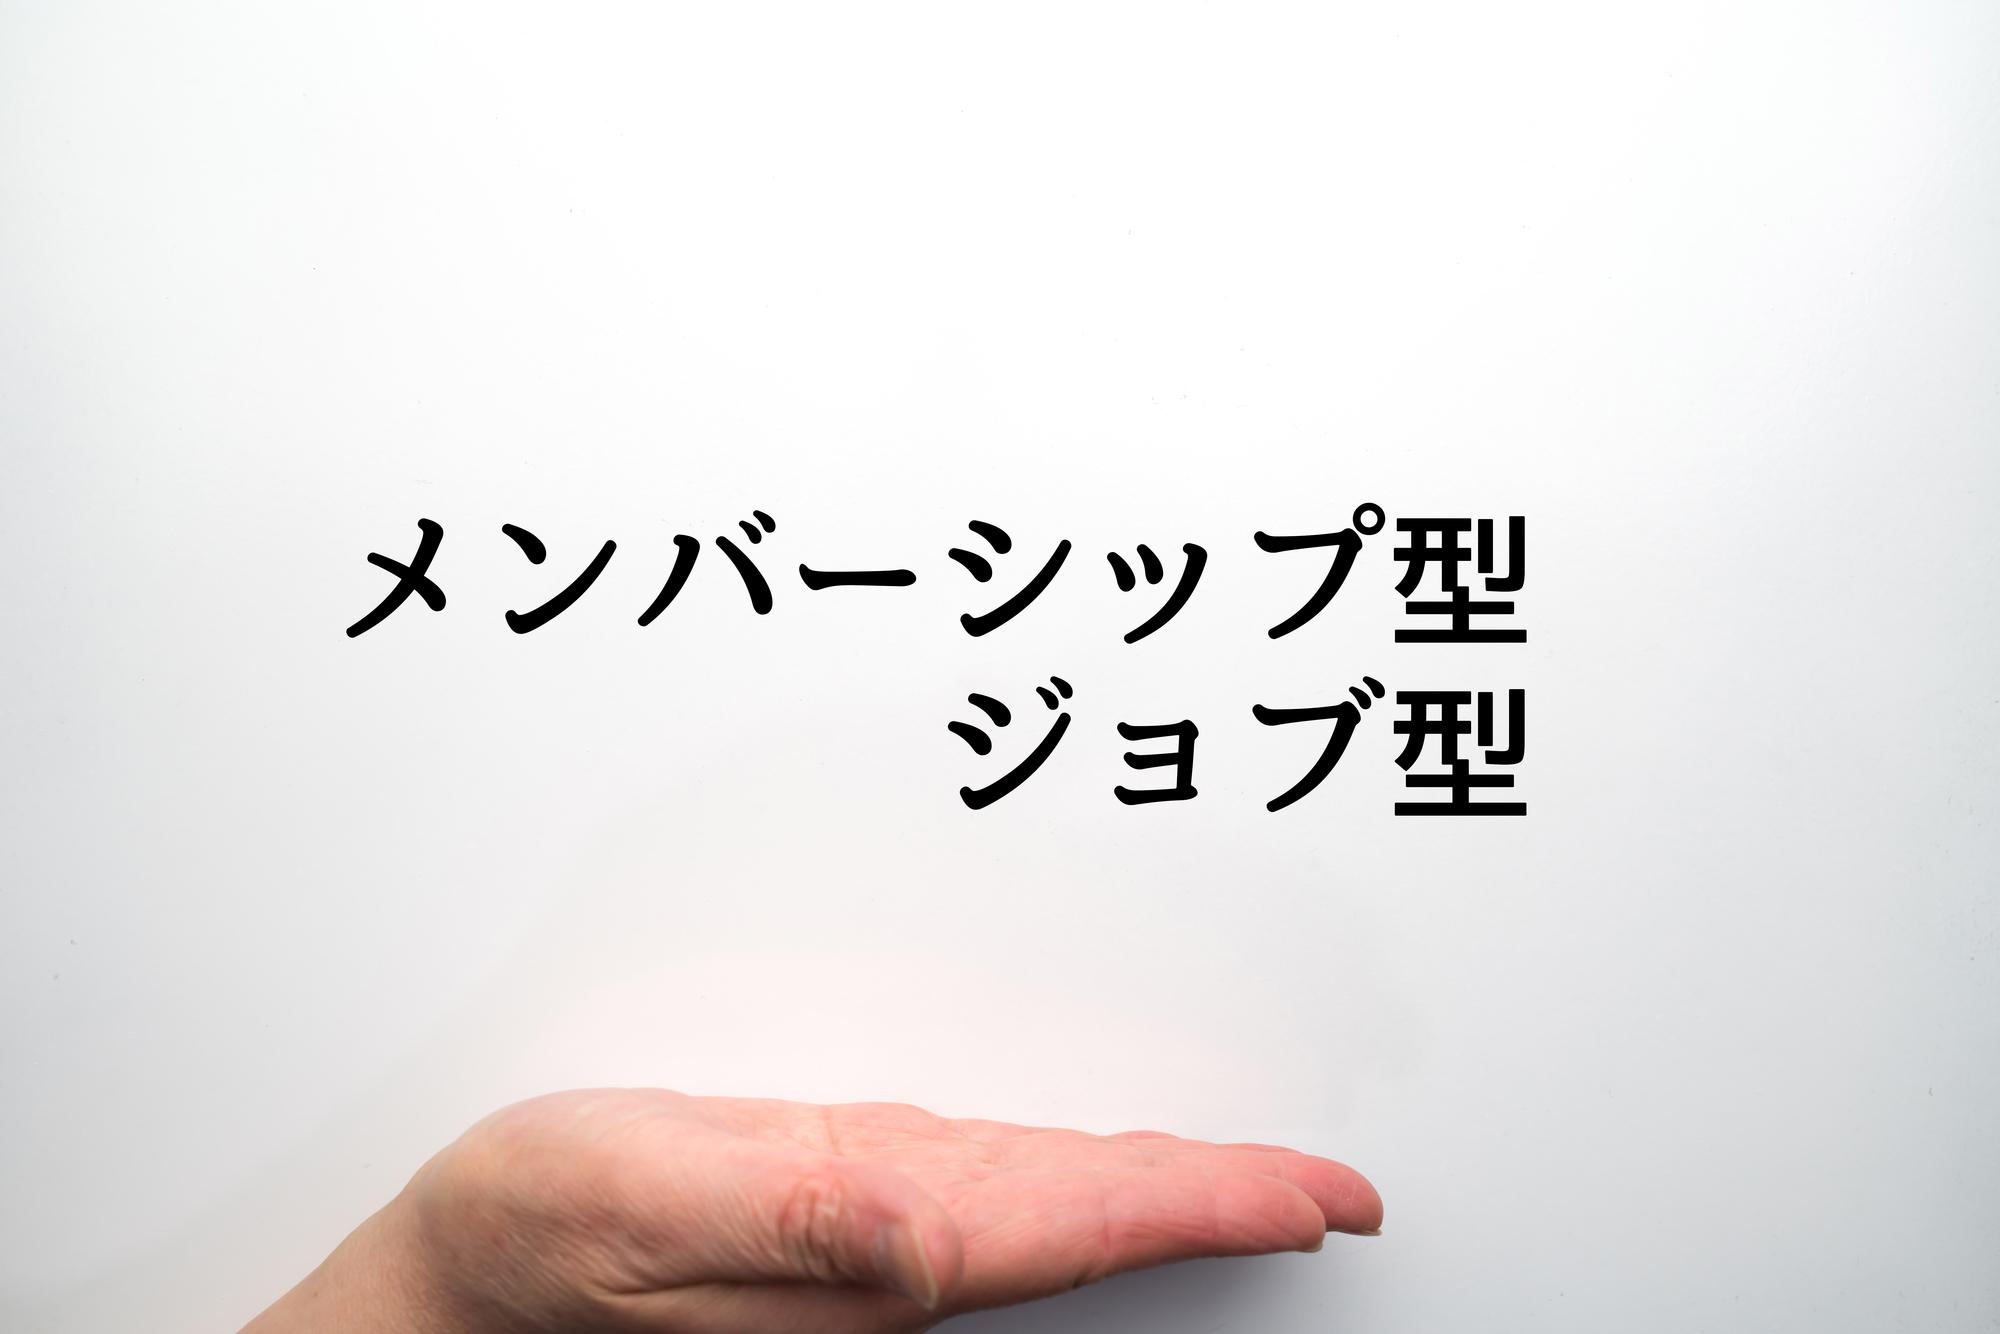 ジョブ型雇用とメンバーシップ型雇用とは? それぞれの違いとメリット・デメリットを解説_3